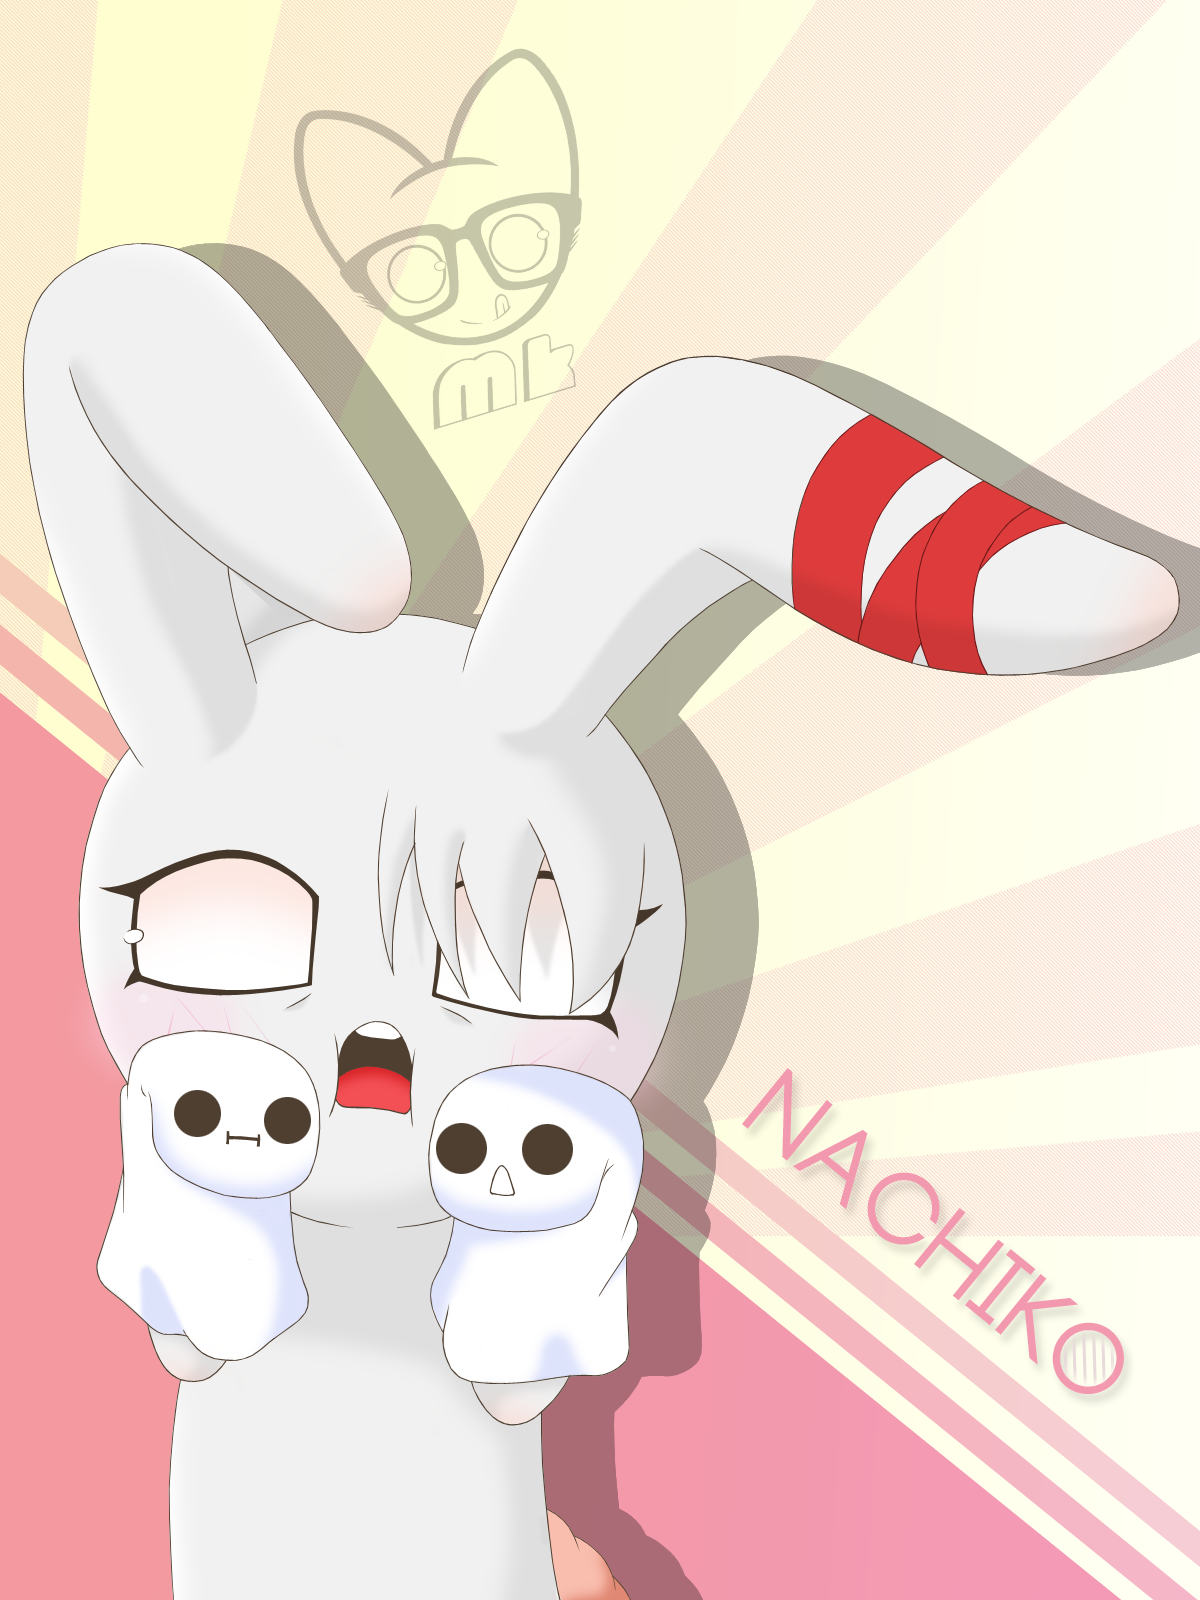 Nachiko Silly